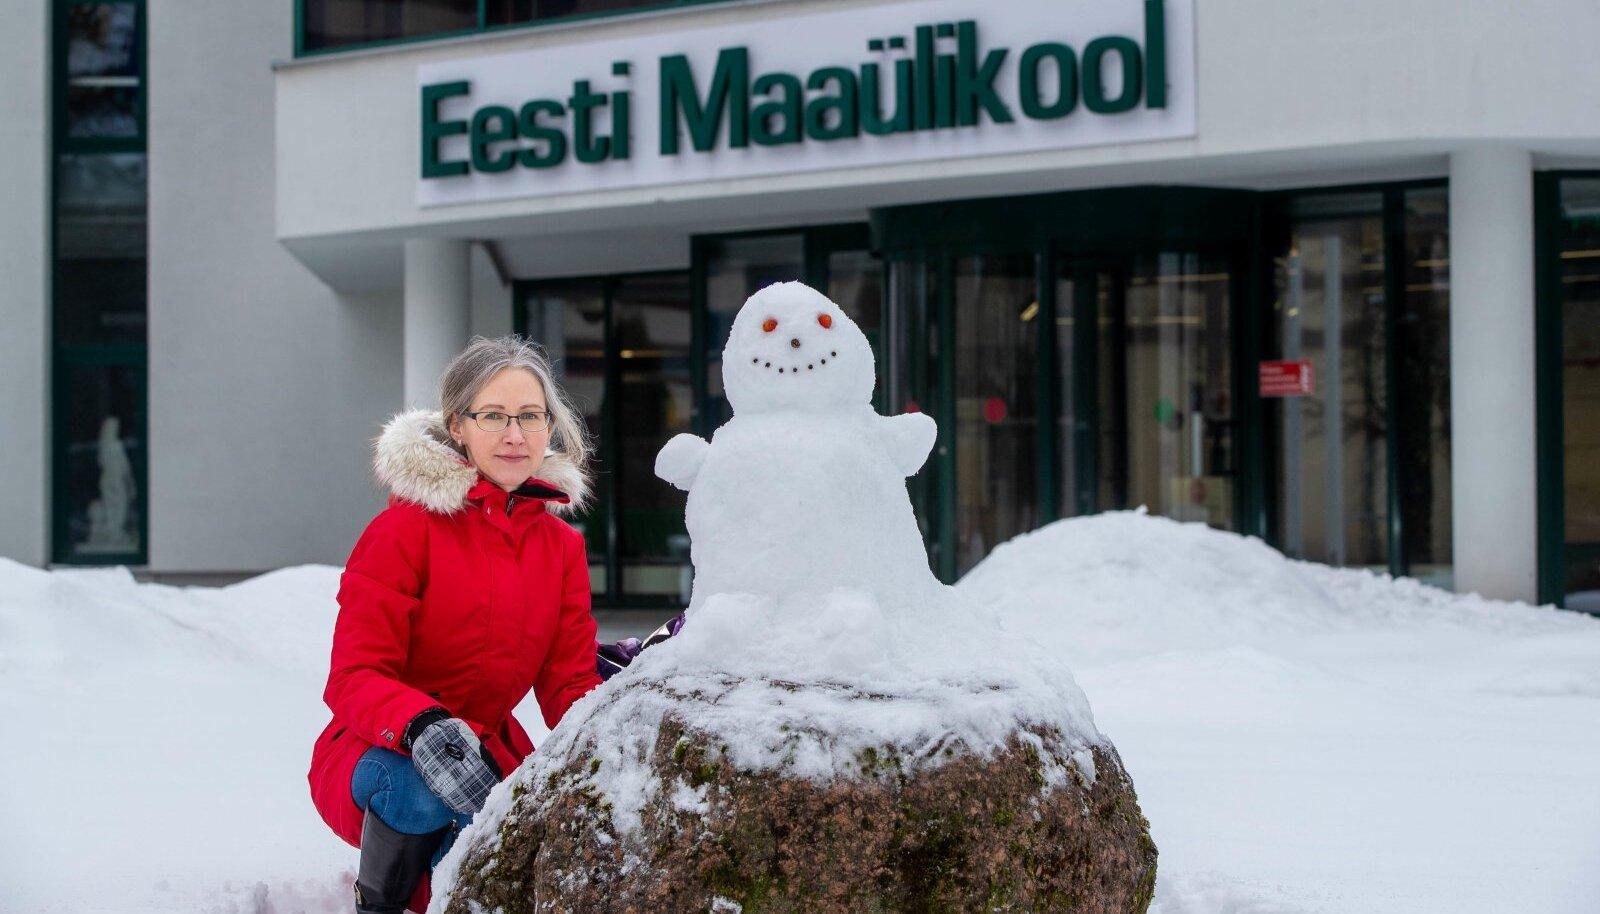 Helis Luik-Lindsaar uuris põllumajandusettevõtete efektiivsust. Ka lumest memme saab valmistada vähem või rohkem efektiivselt.